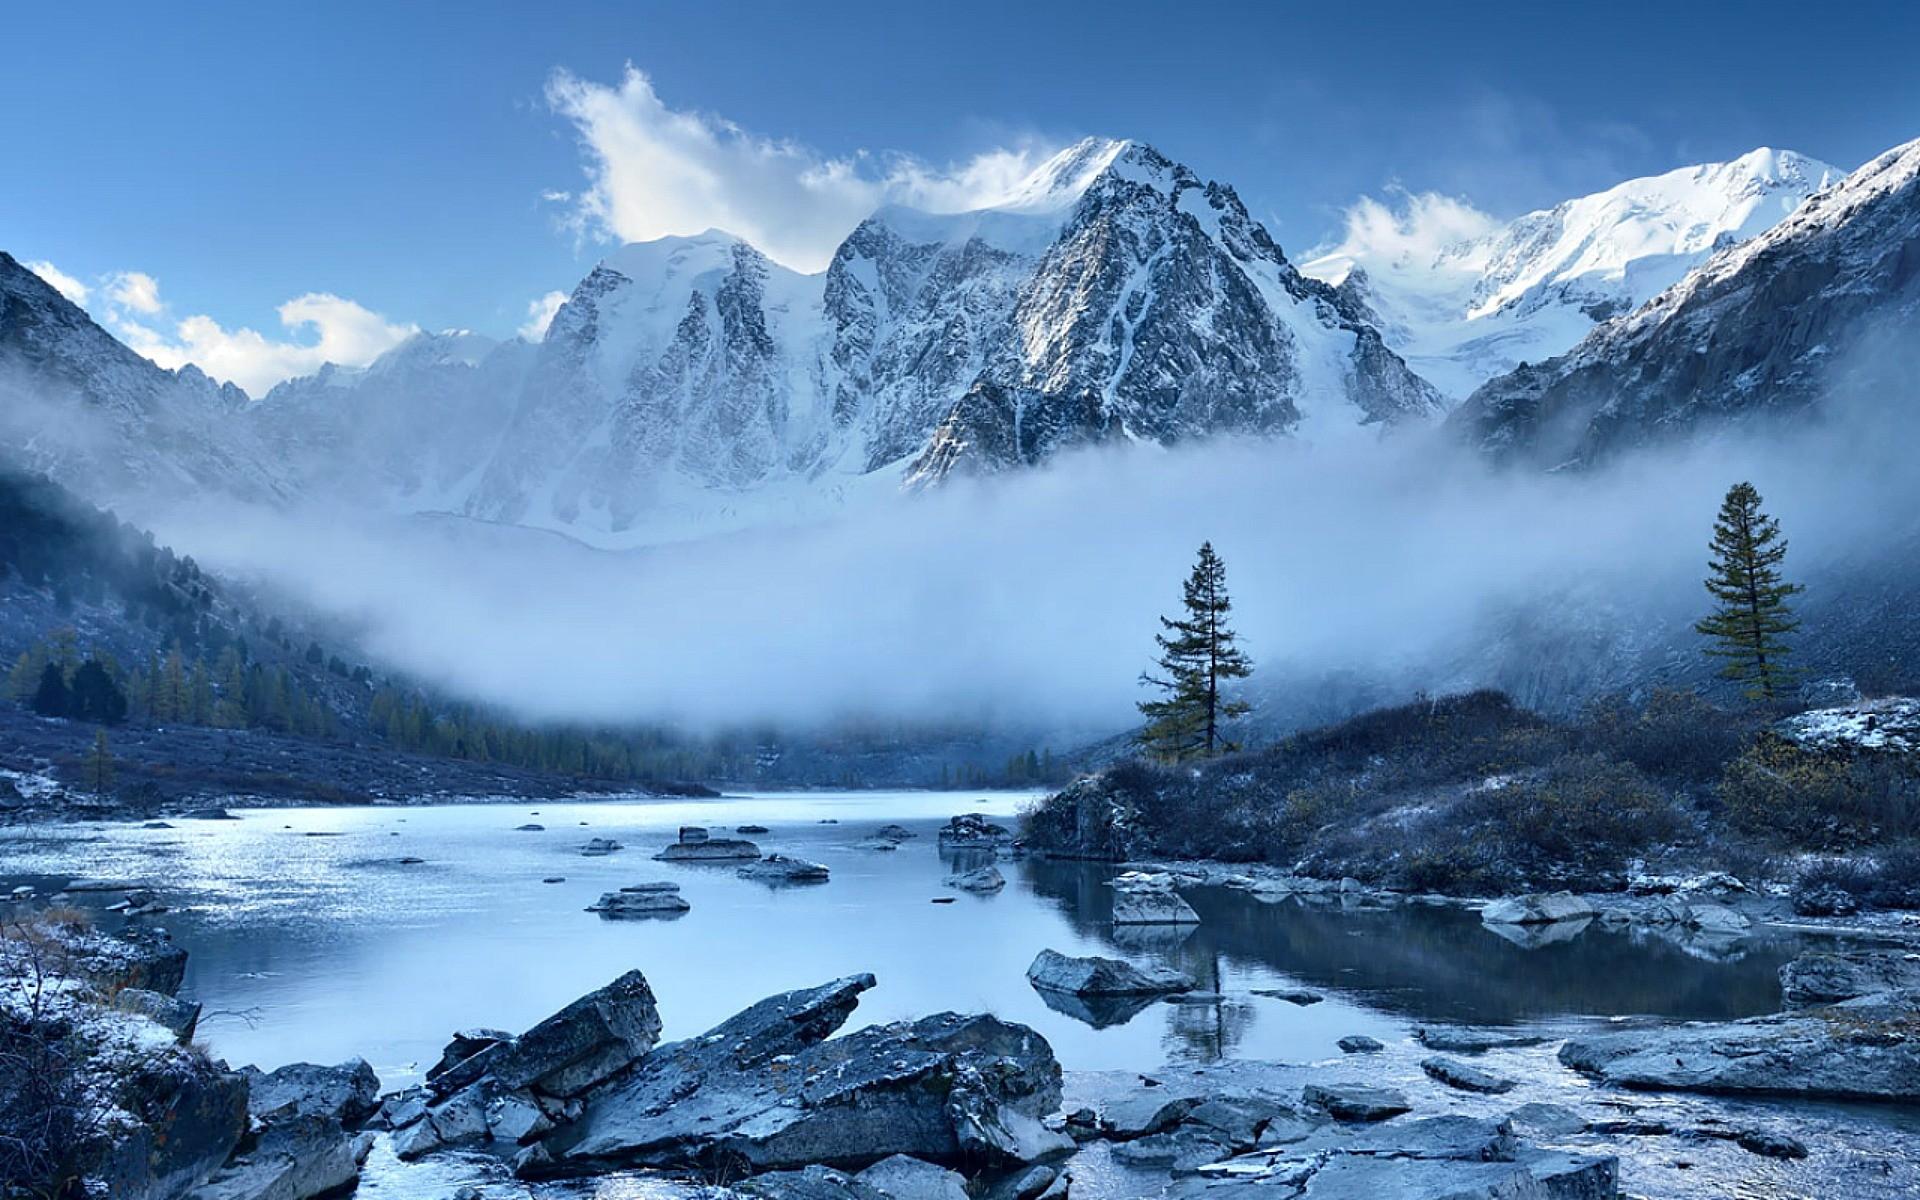 Mountains: Trees Beautiful Mountains Scene Snow Mountain River ...